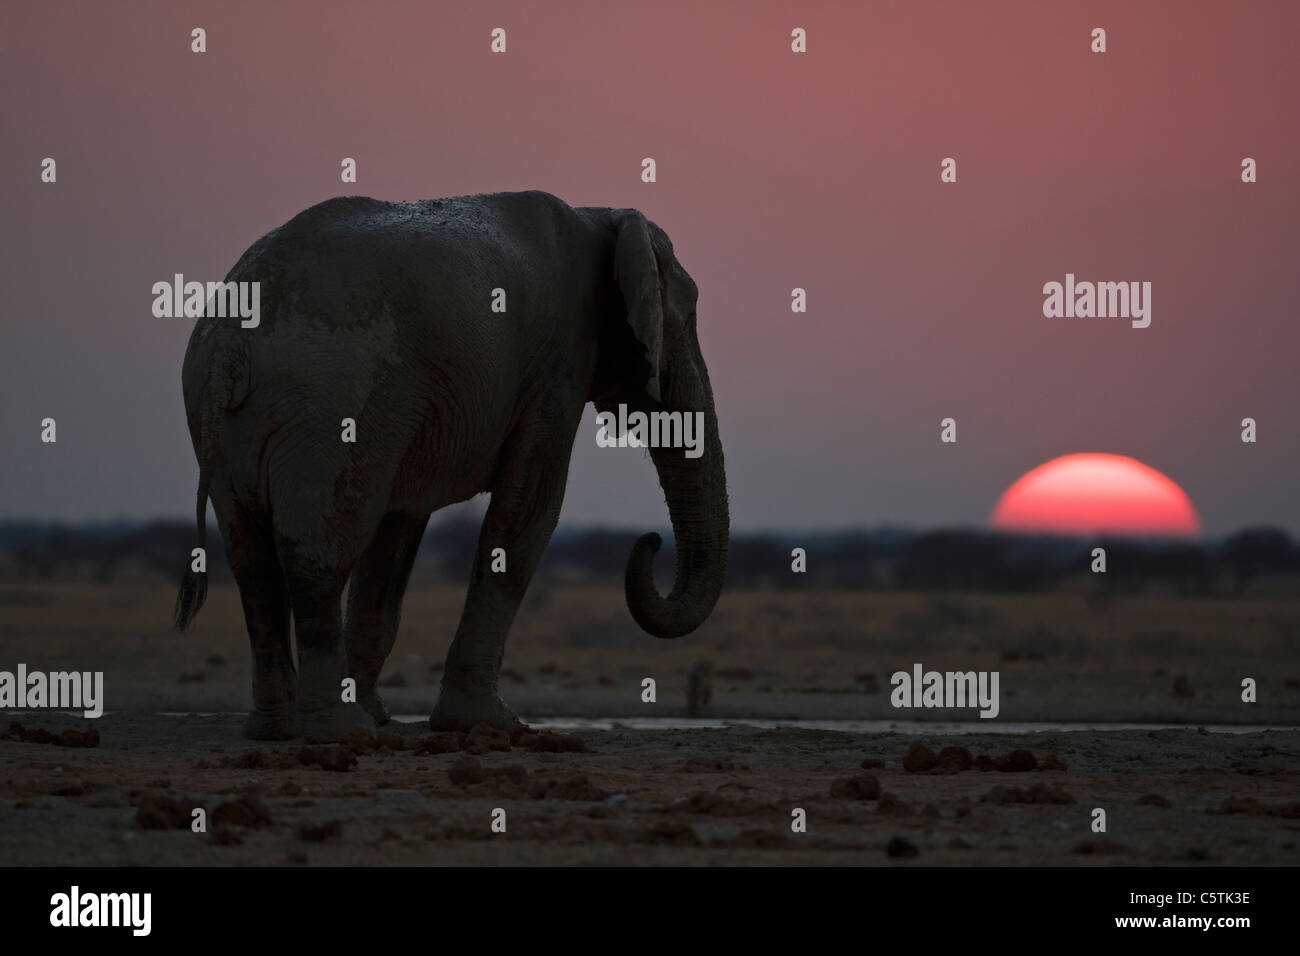 Africa, Botswana, African elephant (Loxodonta africana) at sunset - Stock Image